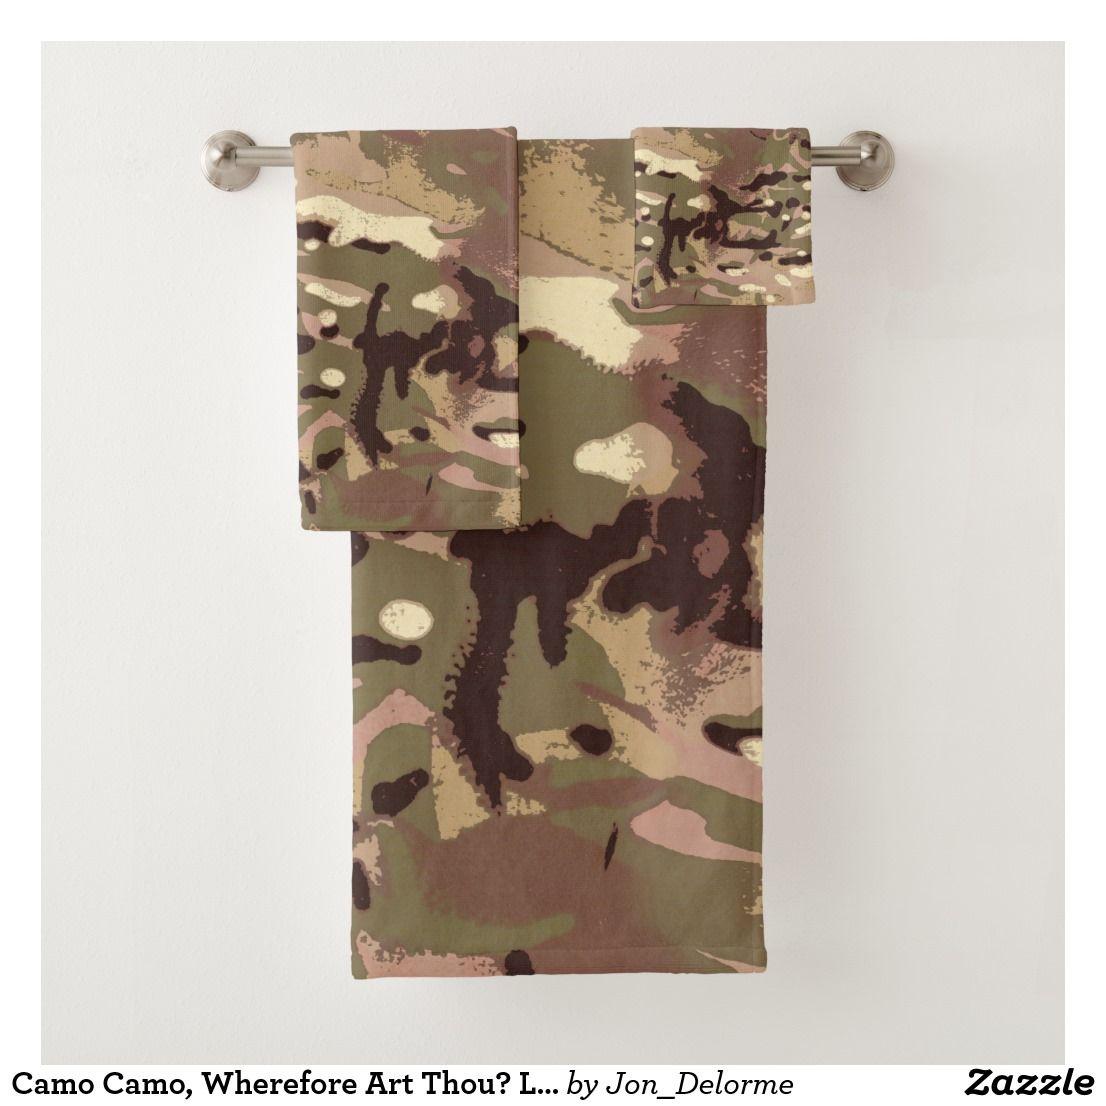 Camo Camo Wherefore Art Thou Lidj Design Bath Towel Set